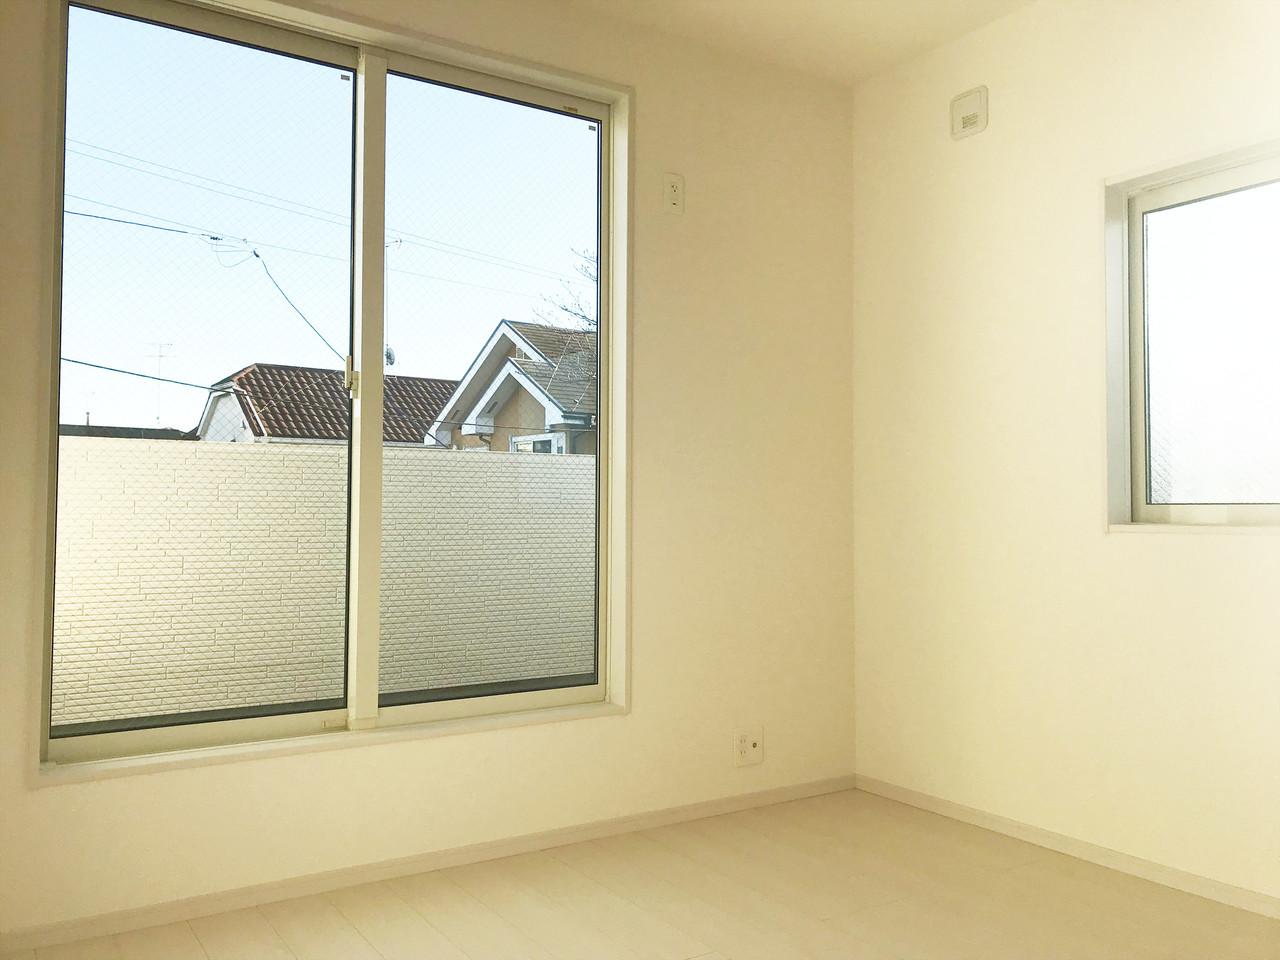 ☆洋室☆子供部屋にも、主寝室にも♪窓があるので開放的。空気の入れ替えもバッチリです♪朝はお日様をたっぷり浴びて元気よく一日をスタートさせたいですね!